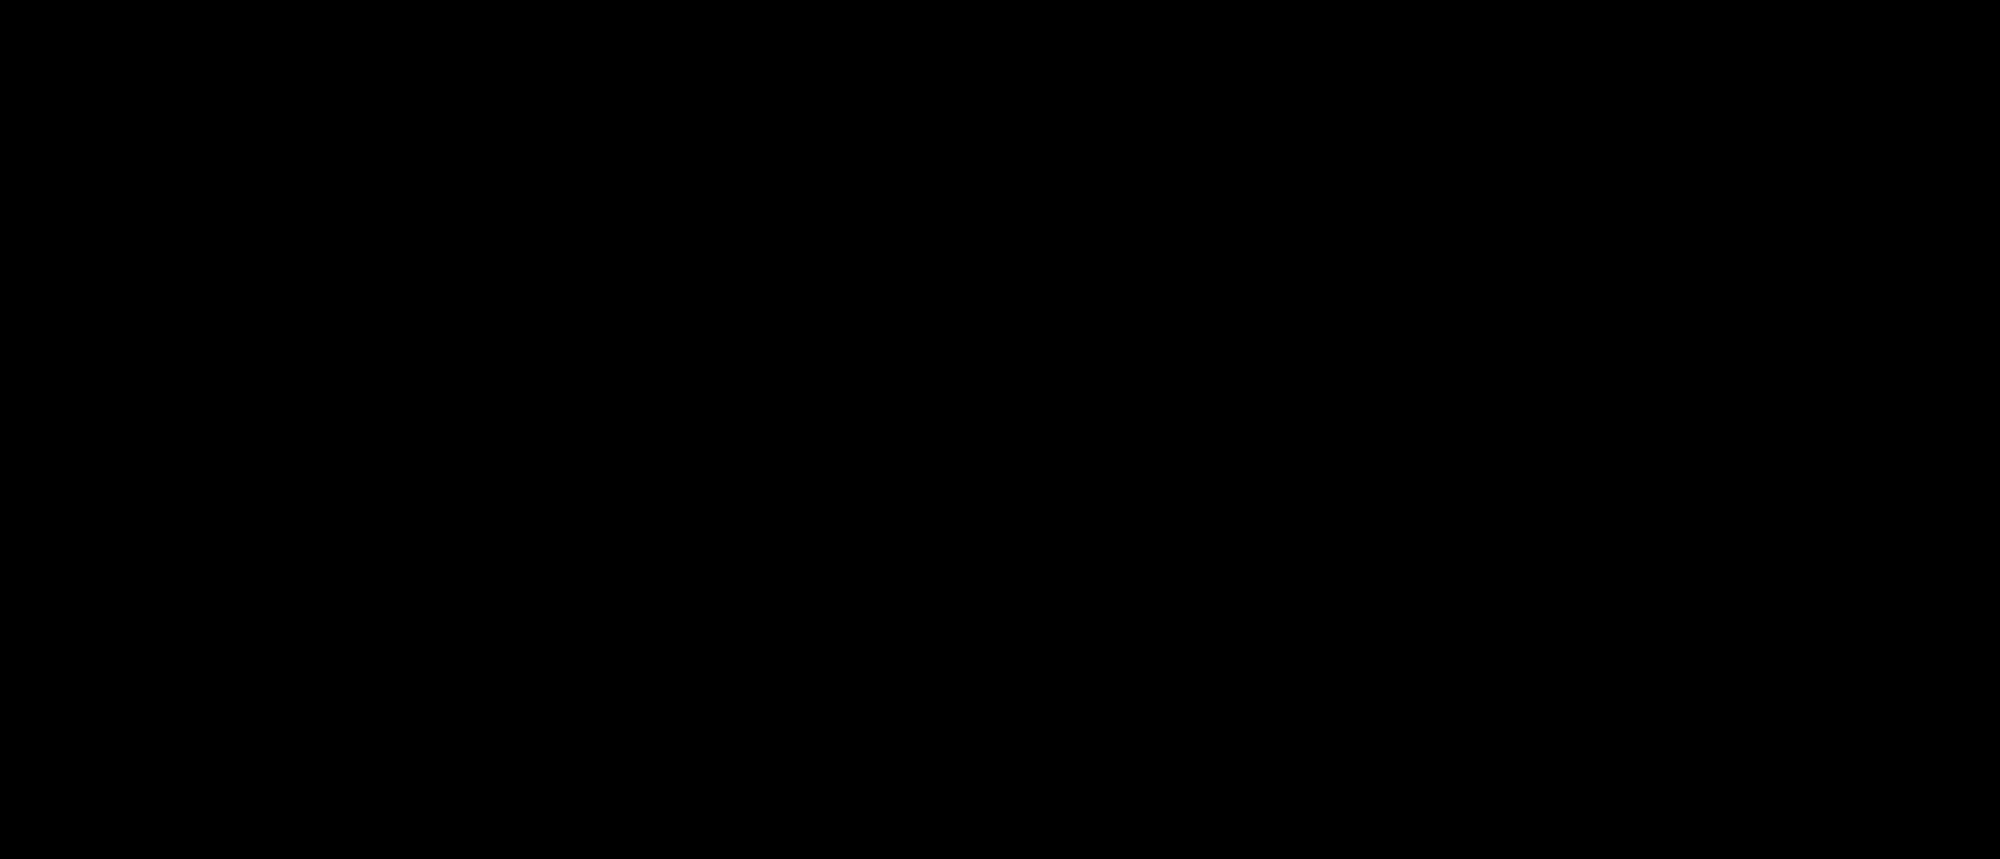 mad composer lab-logo-black (3).png